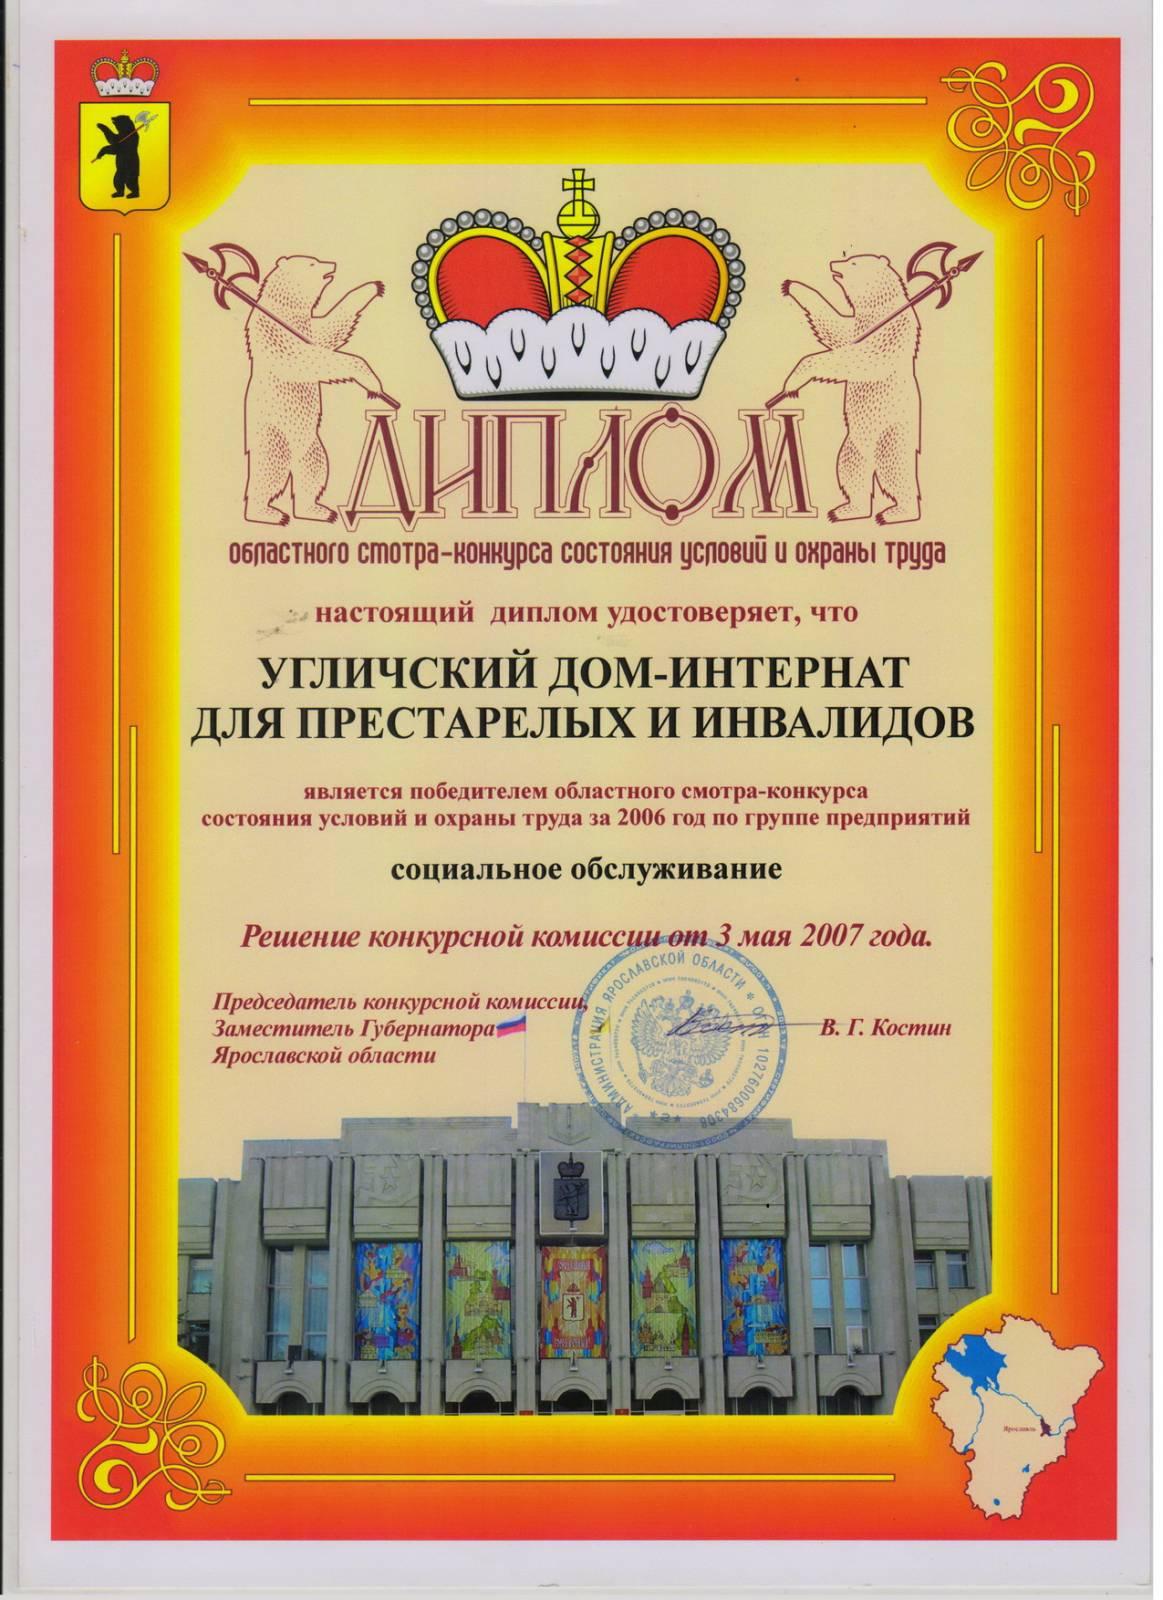 Детские конкурсы по охране труда